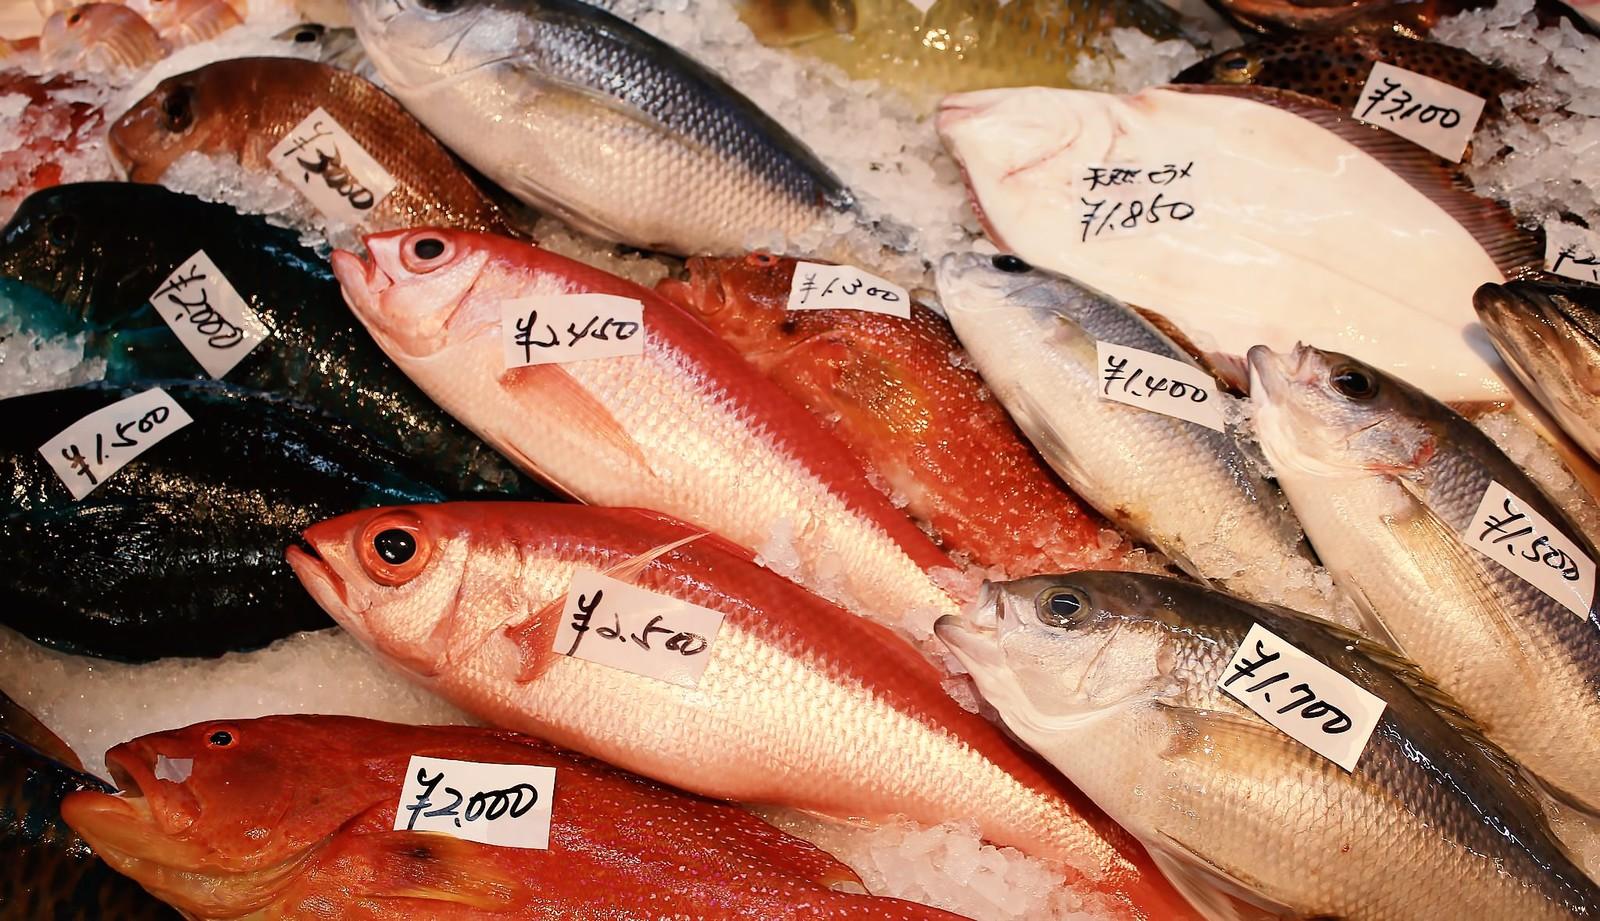 高齢者向け脳トレ!魚の漢字読みクイズ20問 あなたは何問解ける?